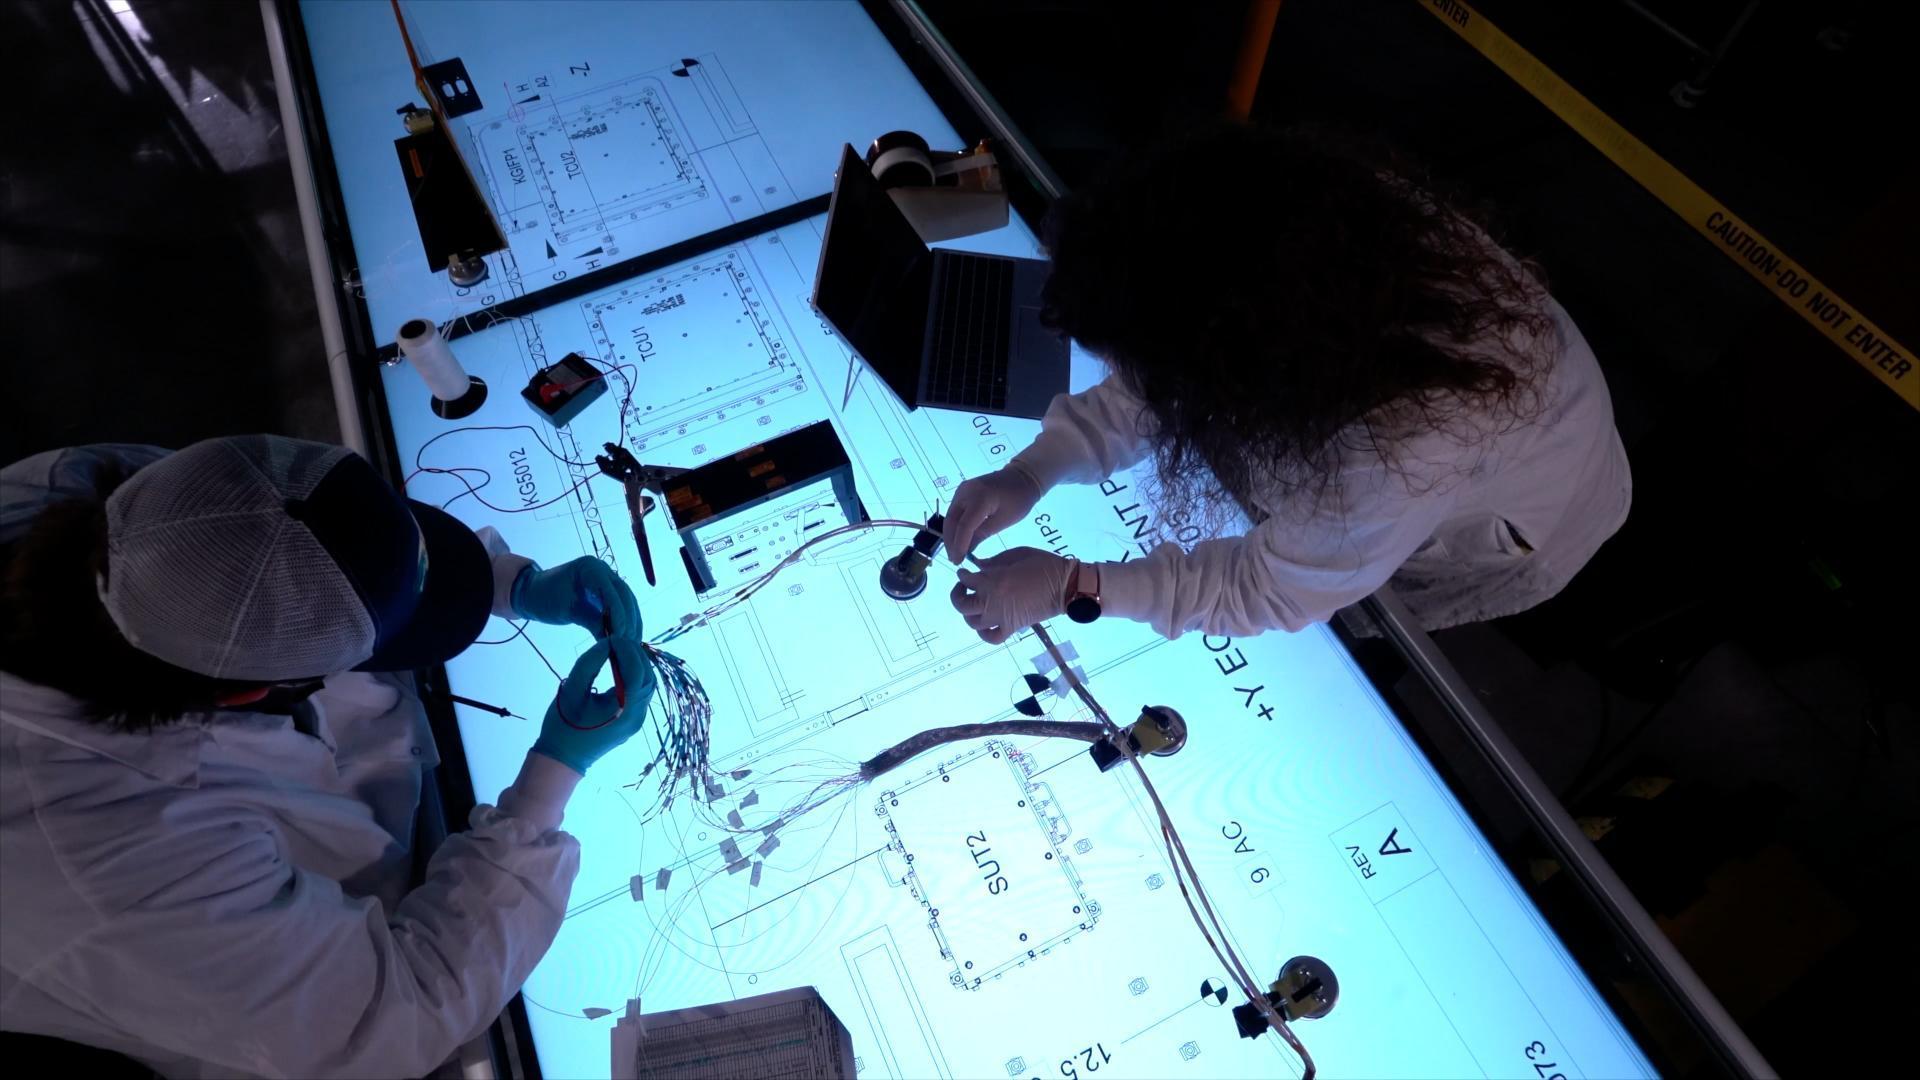 洛·马公司发布的考特兰MAB 4工厂用于导弹组装过程的数字工具示范图片